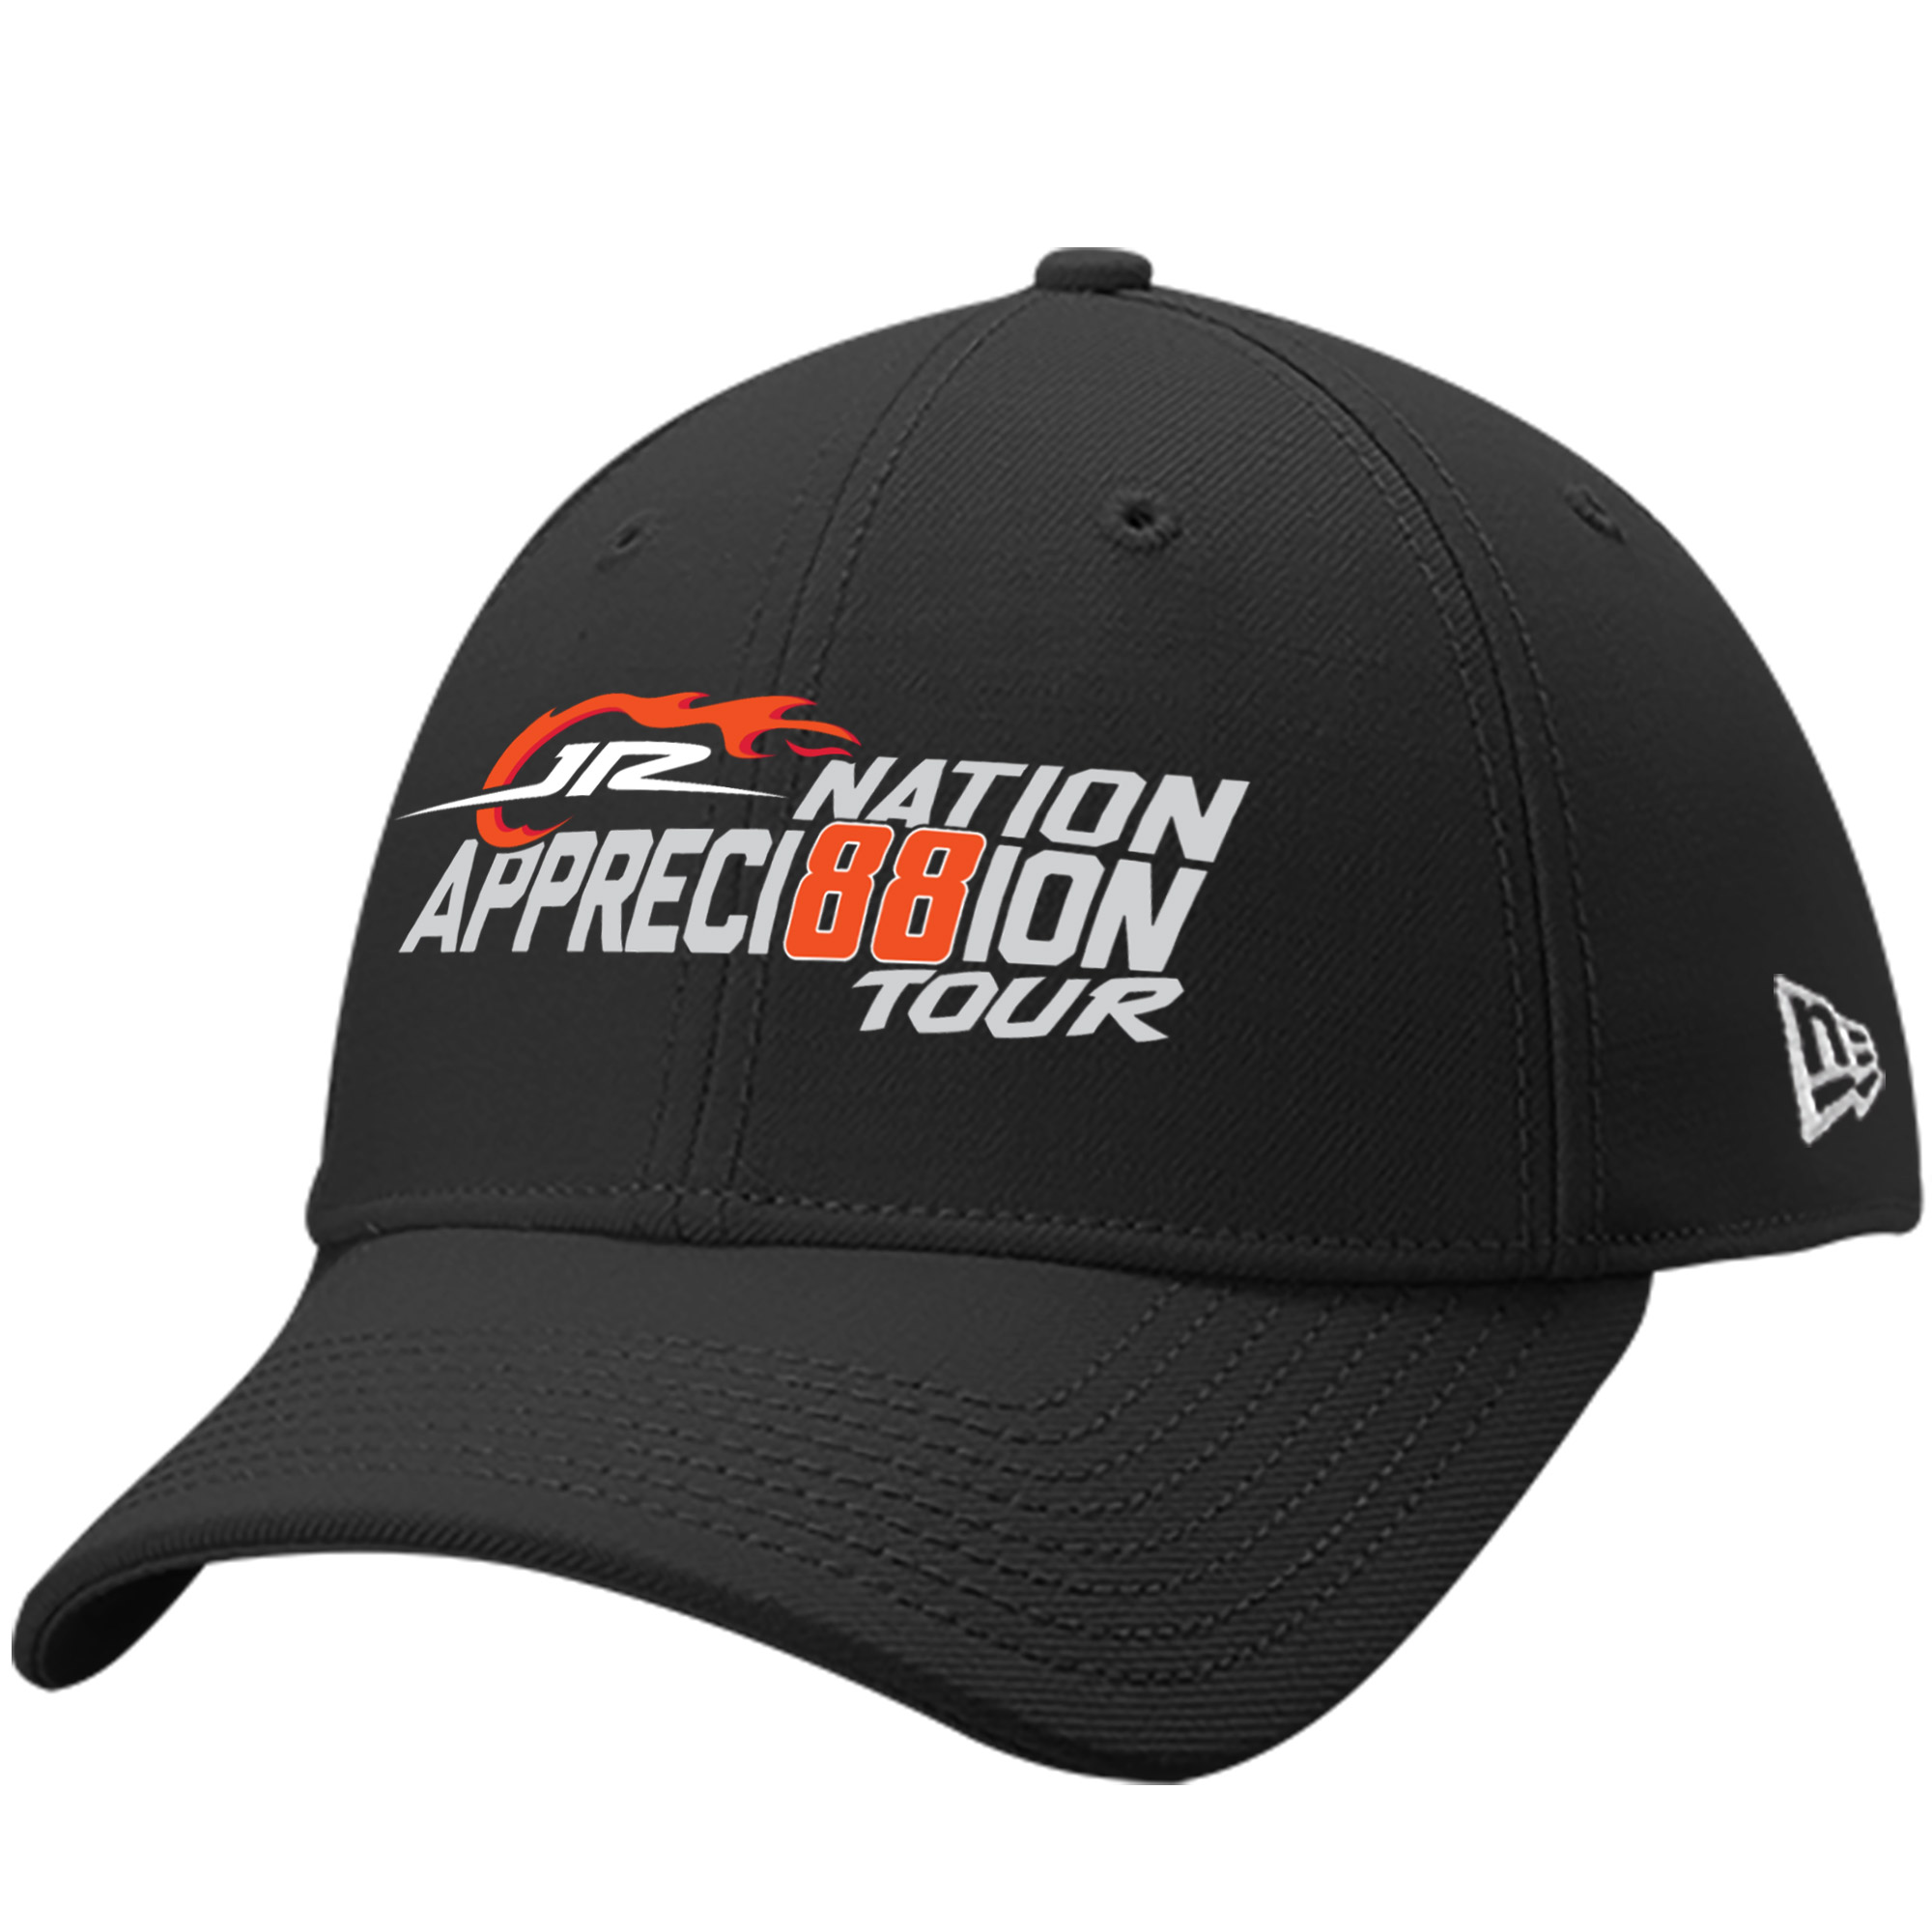 Dale Earnhardt Jr. New Era JR Nation Appreci88ion Tour 9FORTY Adjustable Hat - Black - OSFA